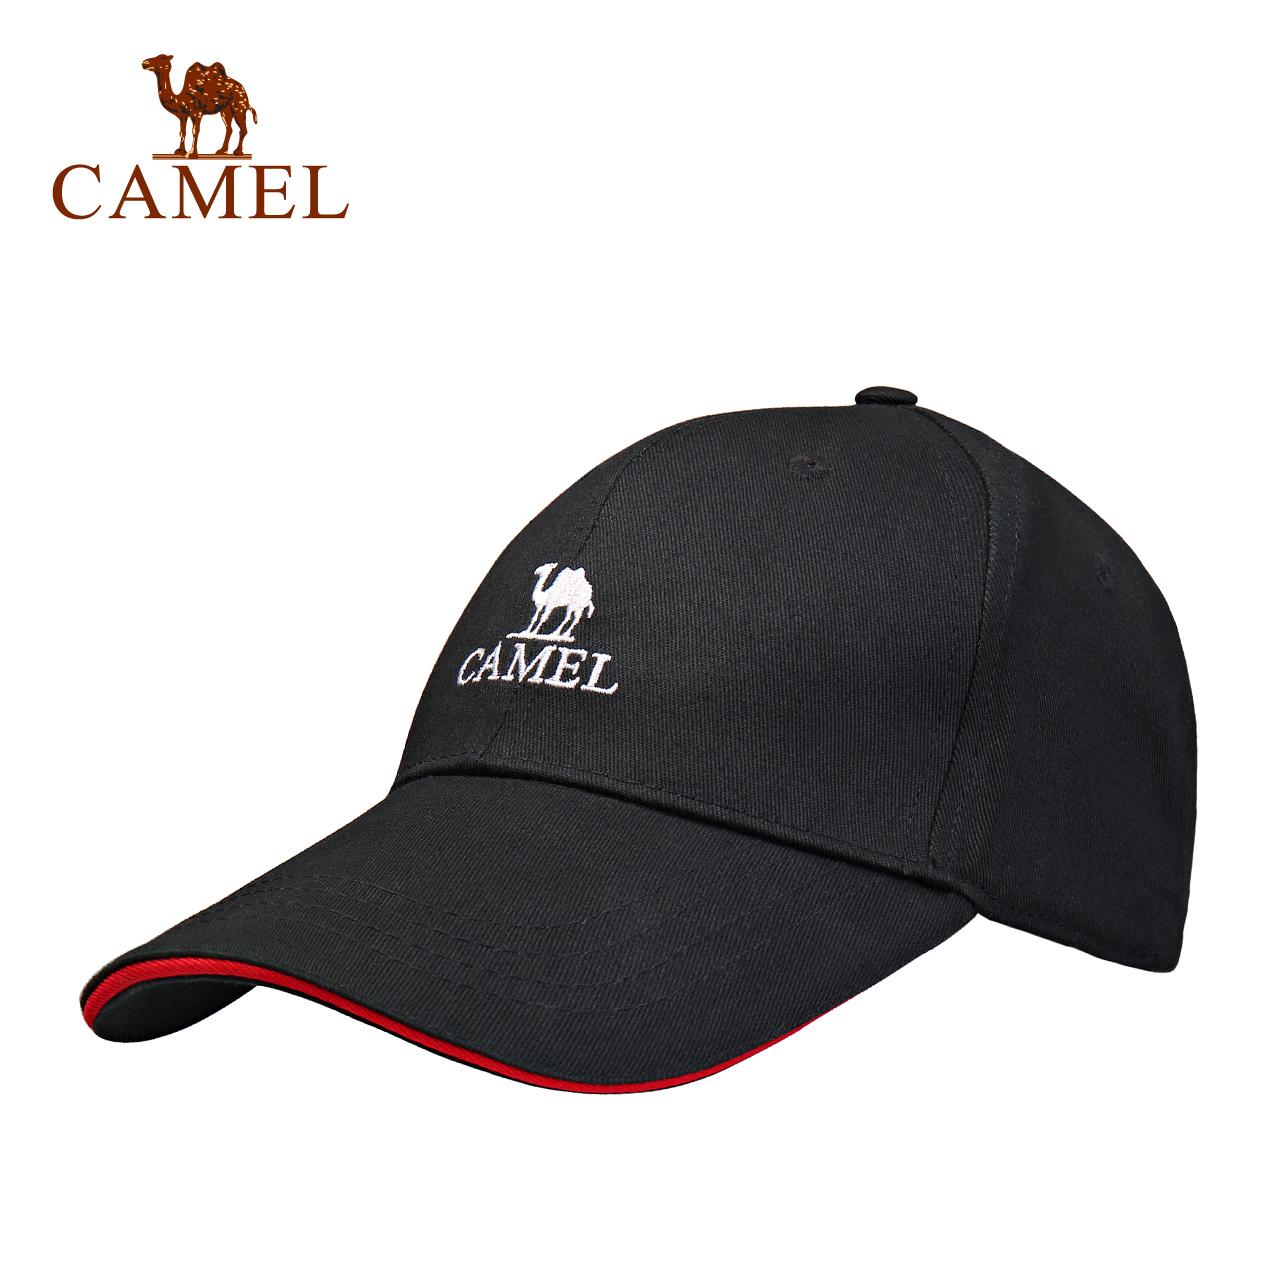 【2018 новые товары 】camle верблюд на открытом воздухе бейсболка мужской и женщины ветролом воздухопроницаемый выход затенение фуражка